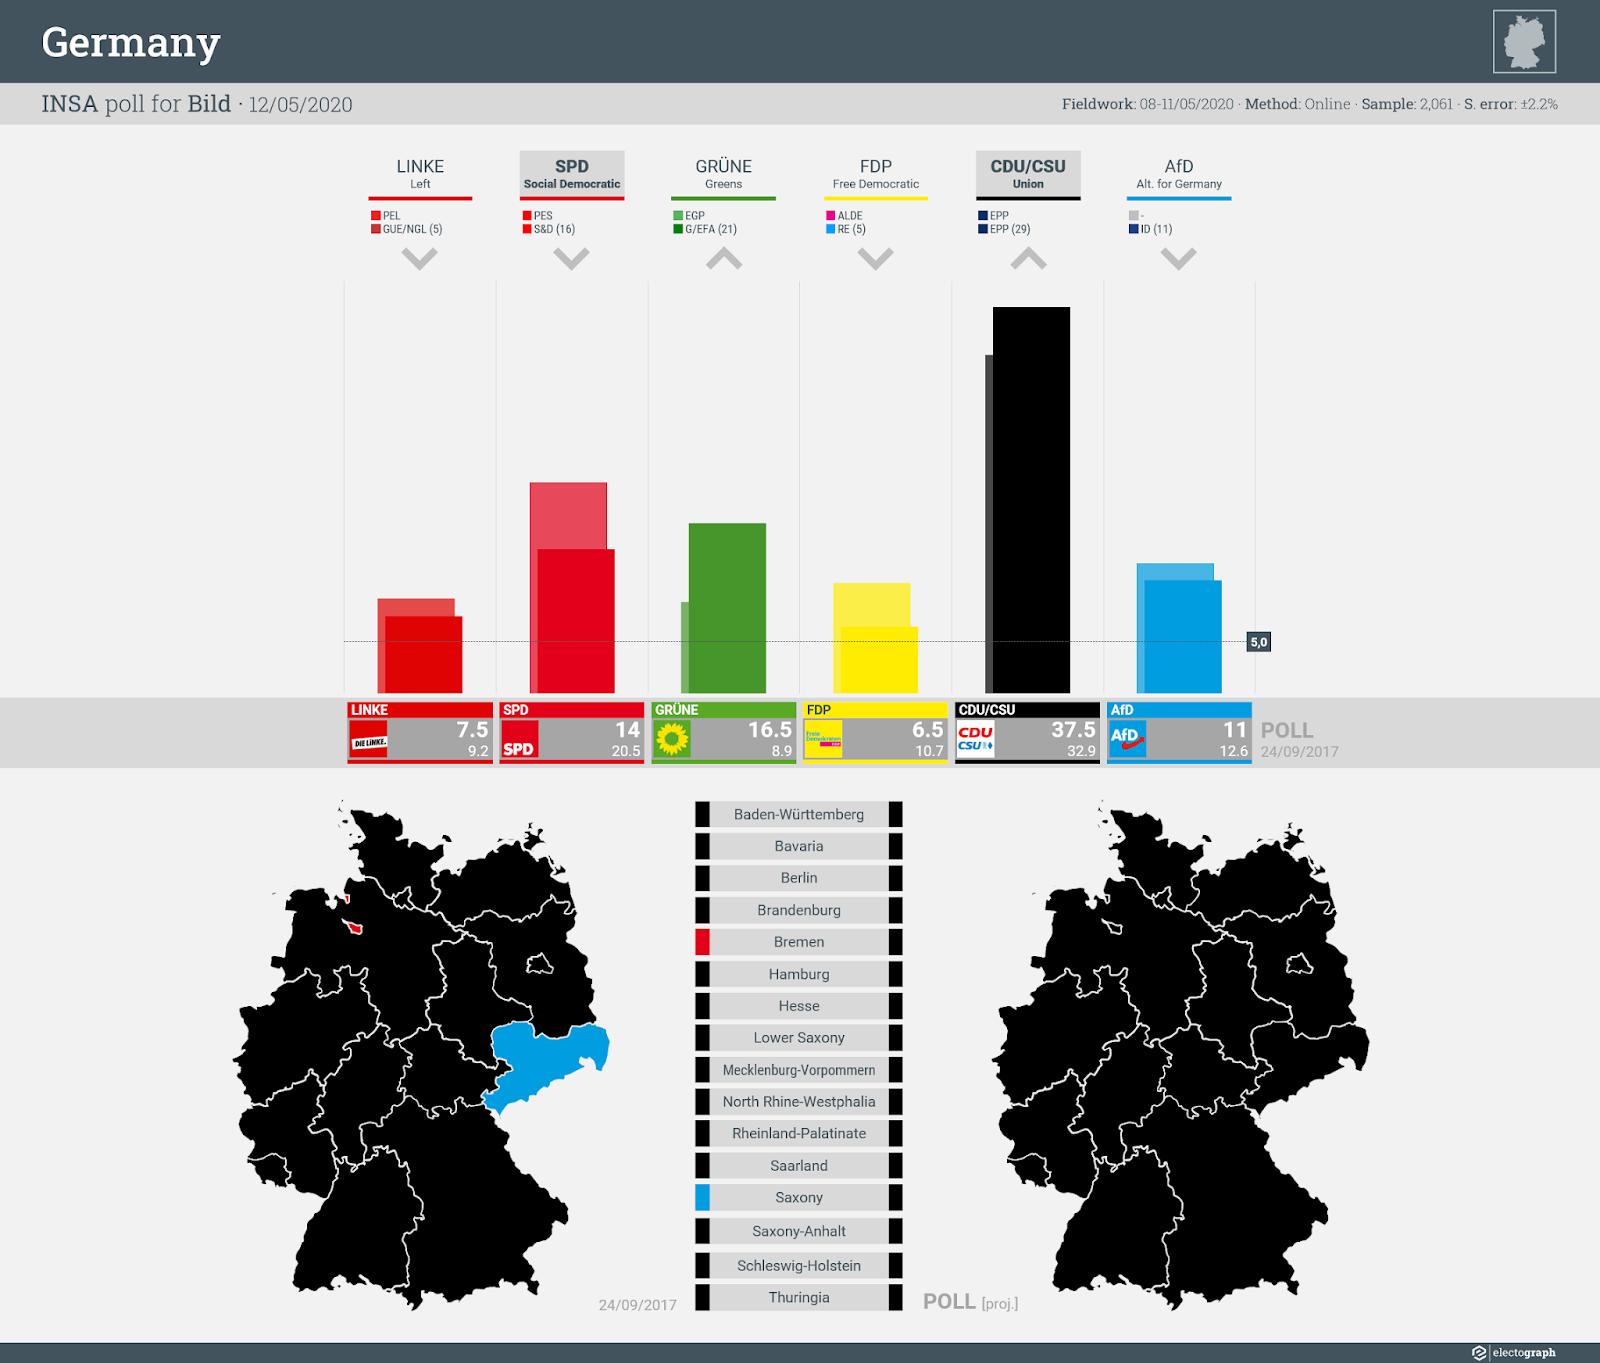 GERMANY: INSA poll chart for Bild, 12 May 2020